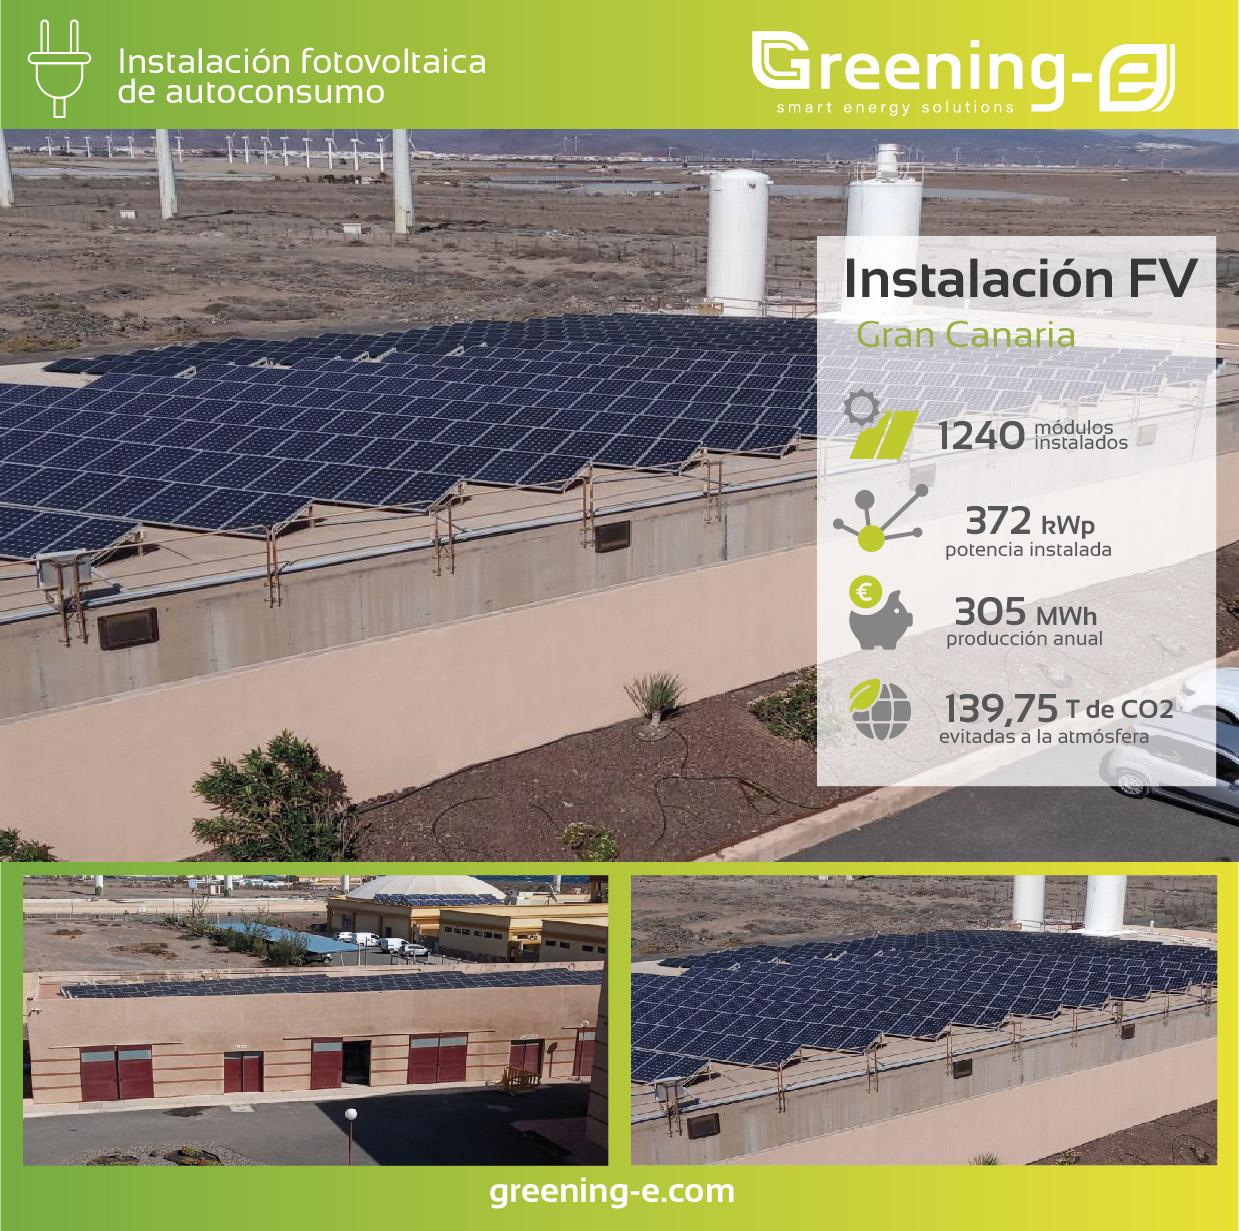 datos instalación Greening-e Gran Canaria